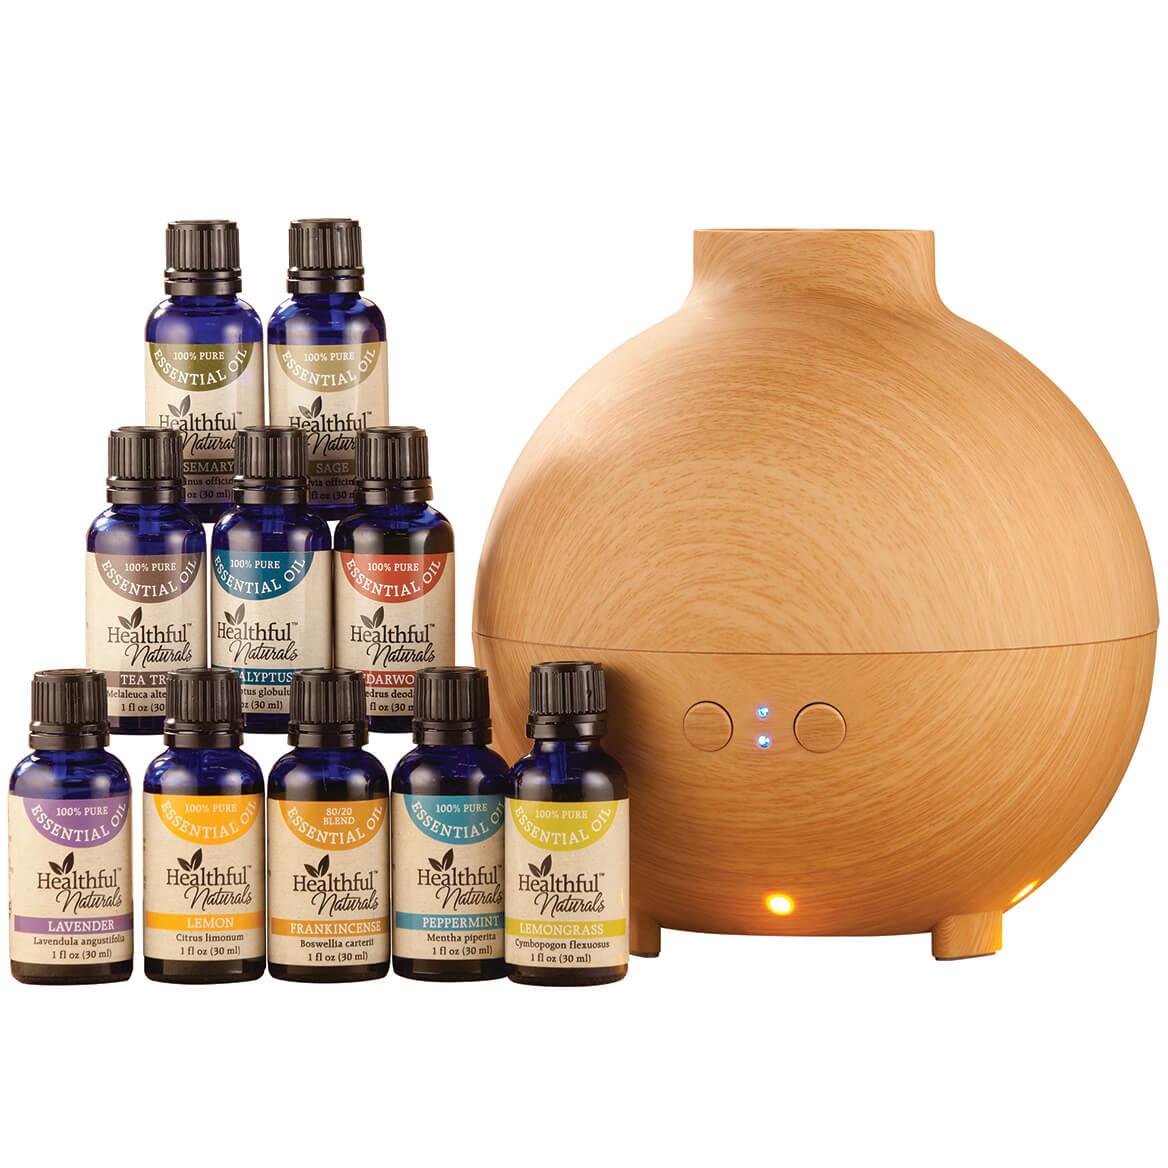 Healthful™ Naturals Premium Kit and 600 ml Diffuser-356695